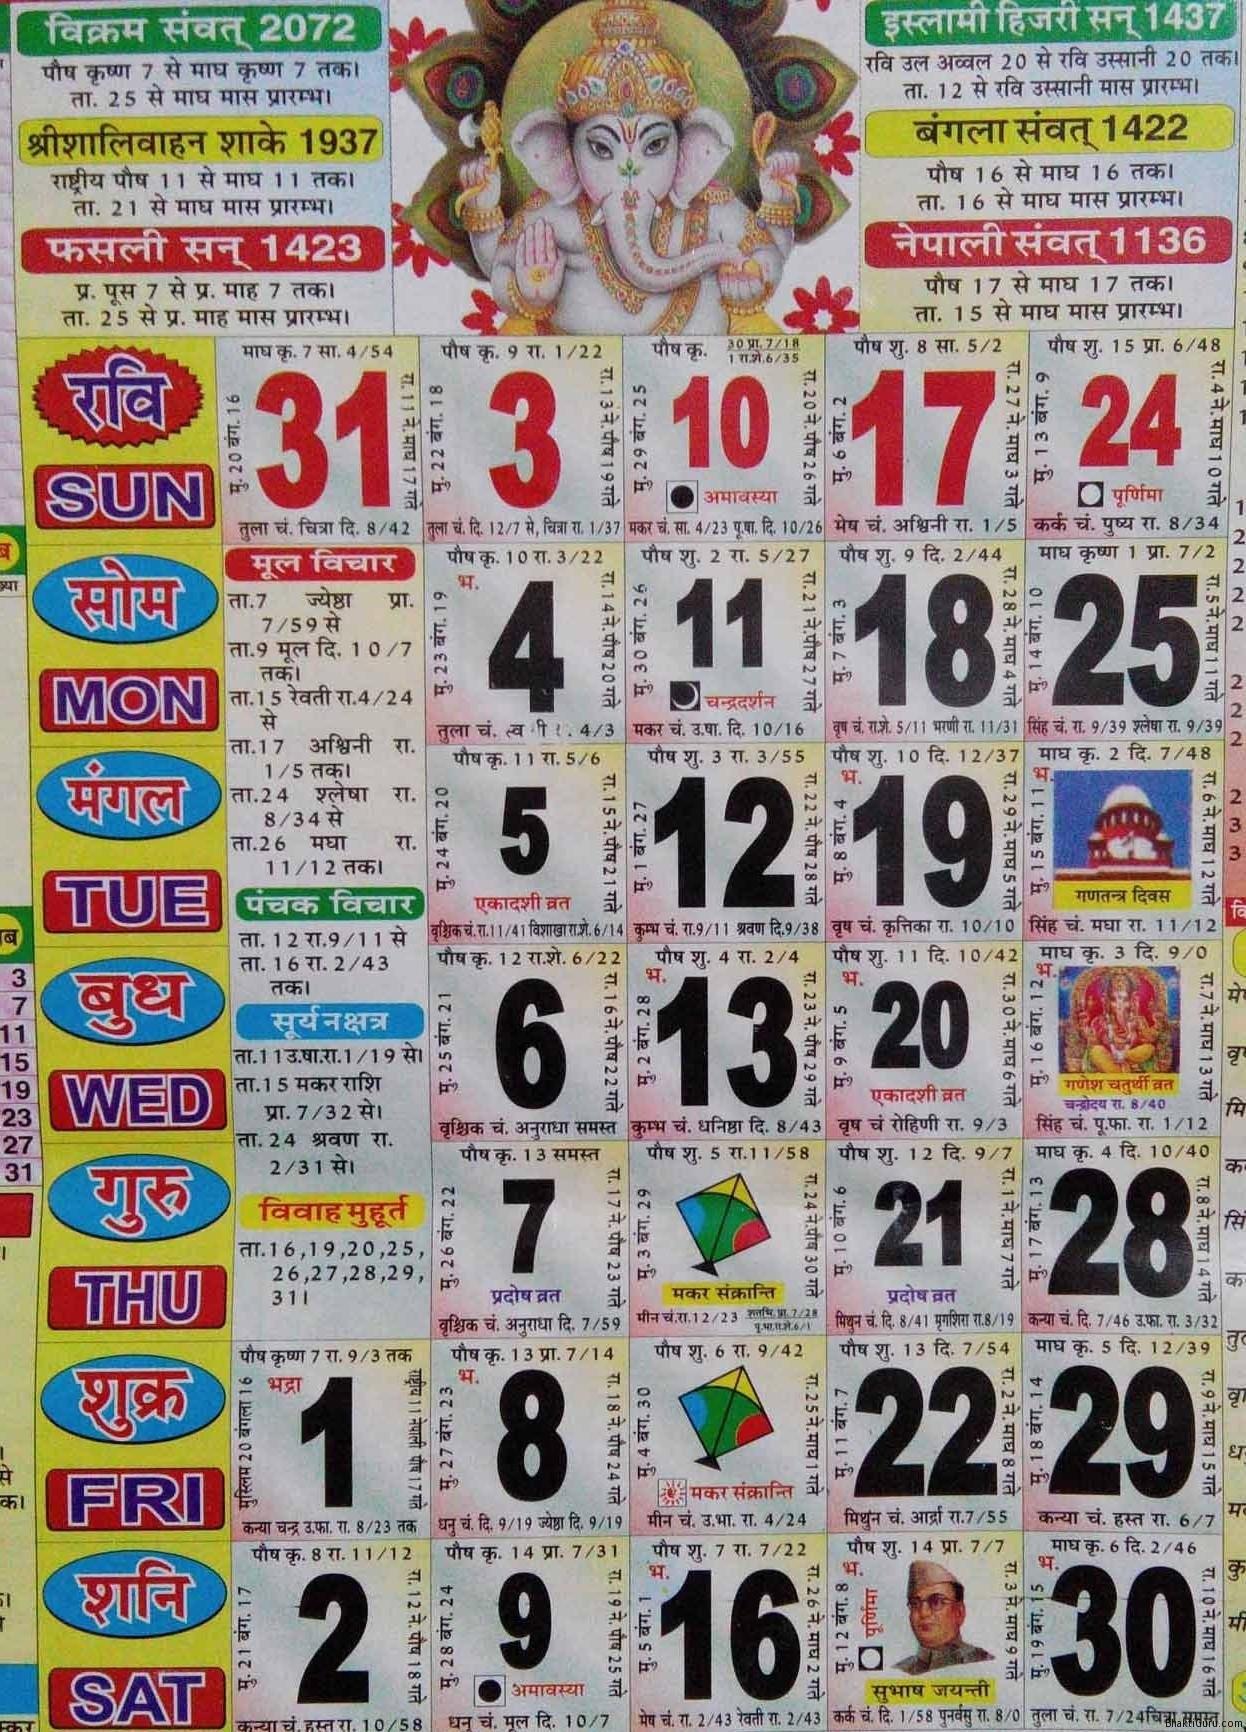 Thakur Prashad Calendar January 2016 With Vrat List. | Bhakti Guru Calendar 2019 Vrat